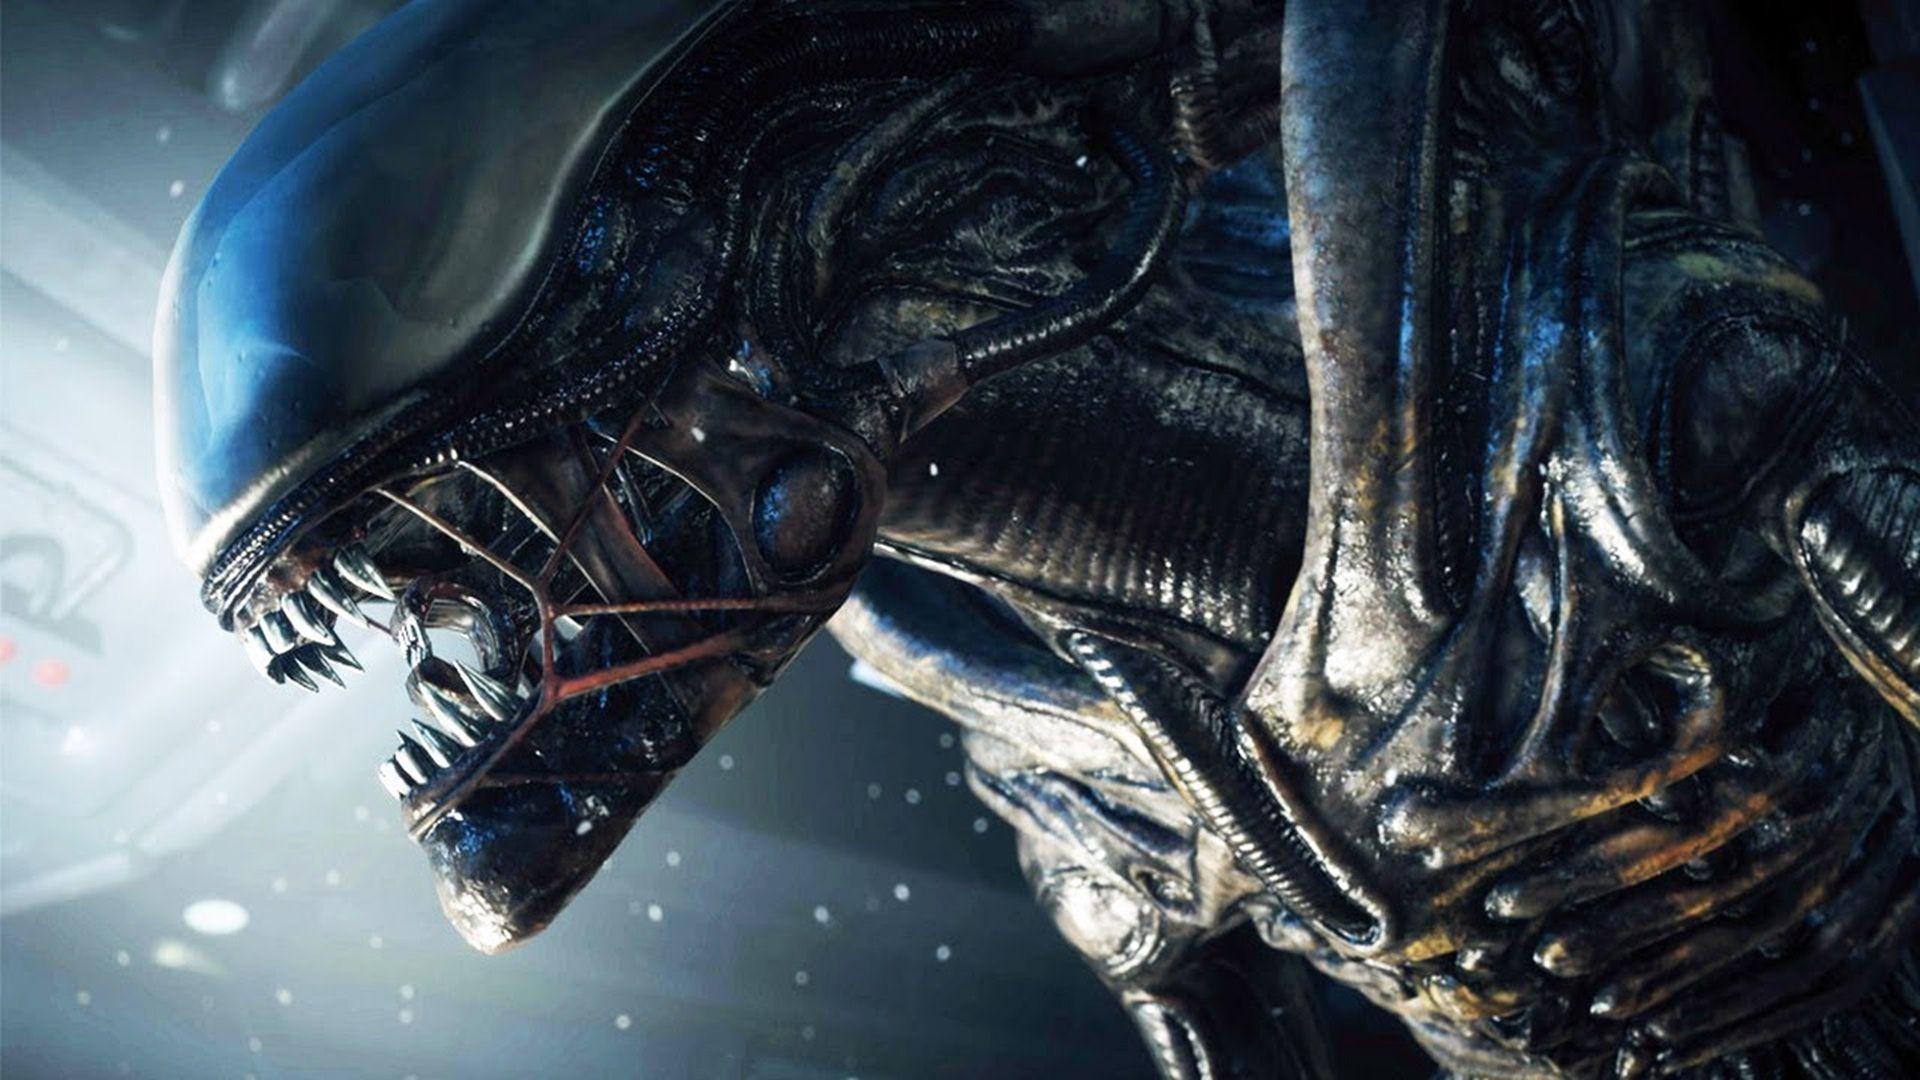 Lekcja na dzisiaj: nigdy nie oczekiwać zbyt wiele. Nowa gra w uniwersum Obcego to komórkowy Alien: Blackout